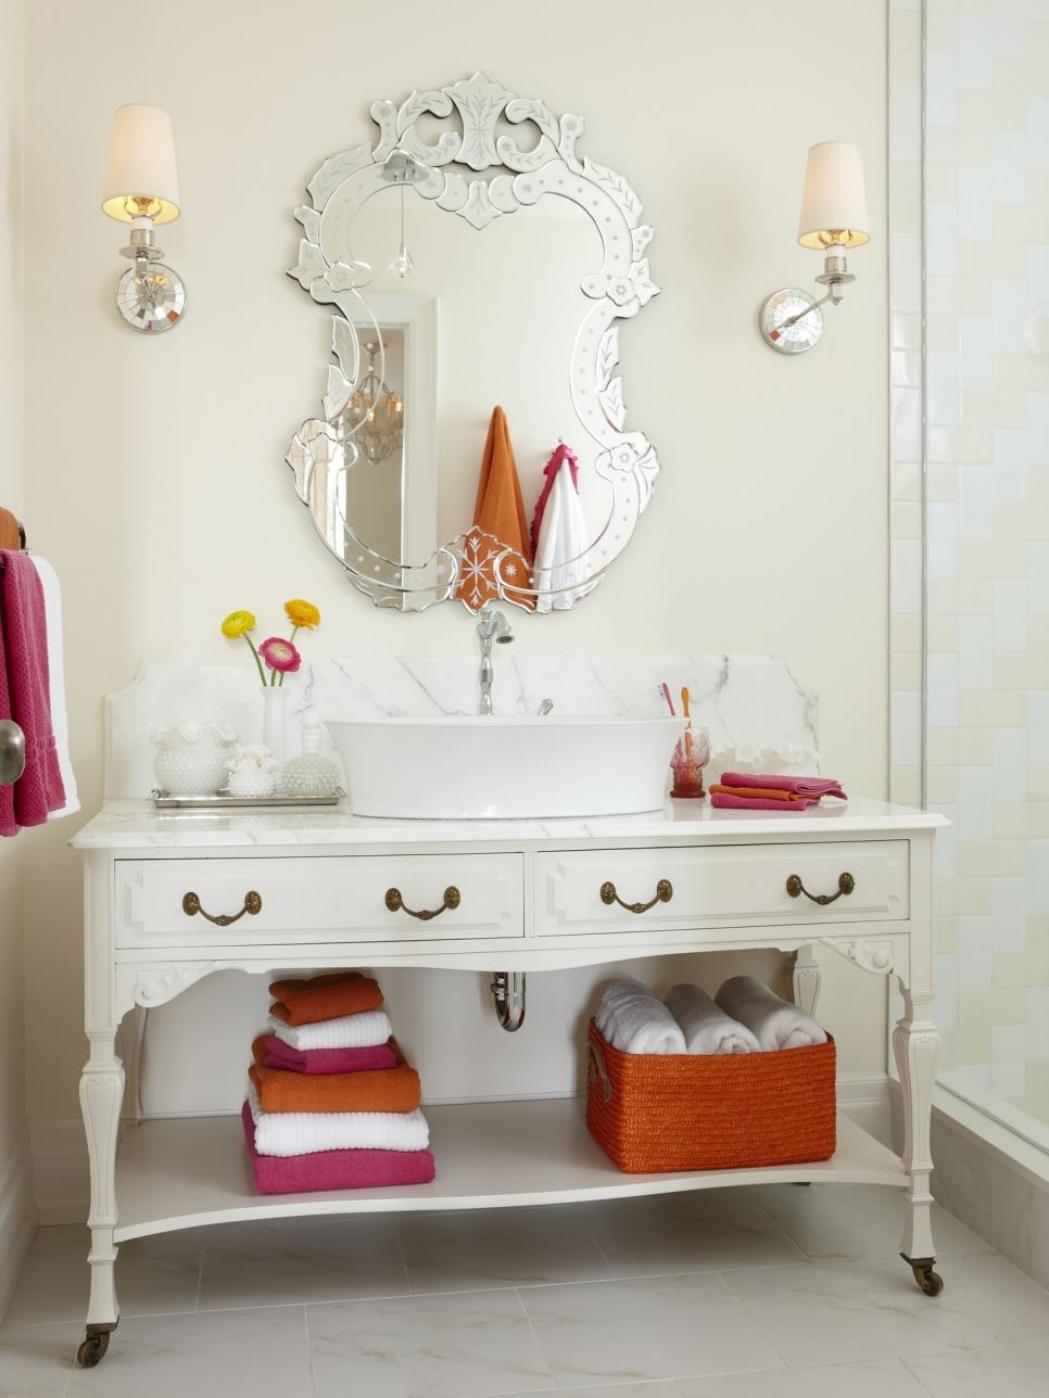 baños originales - muebles singulares